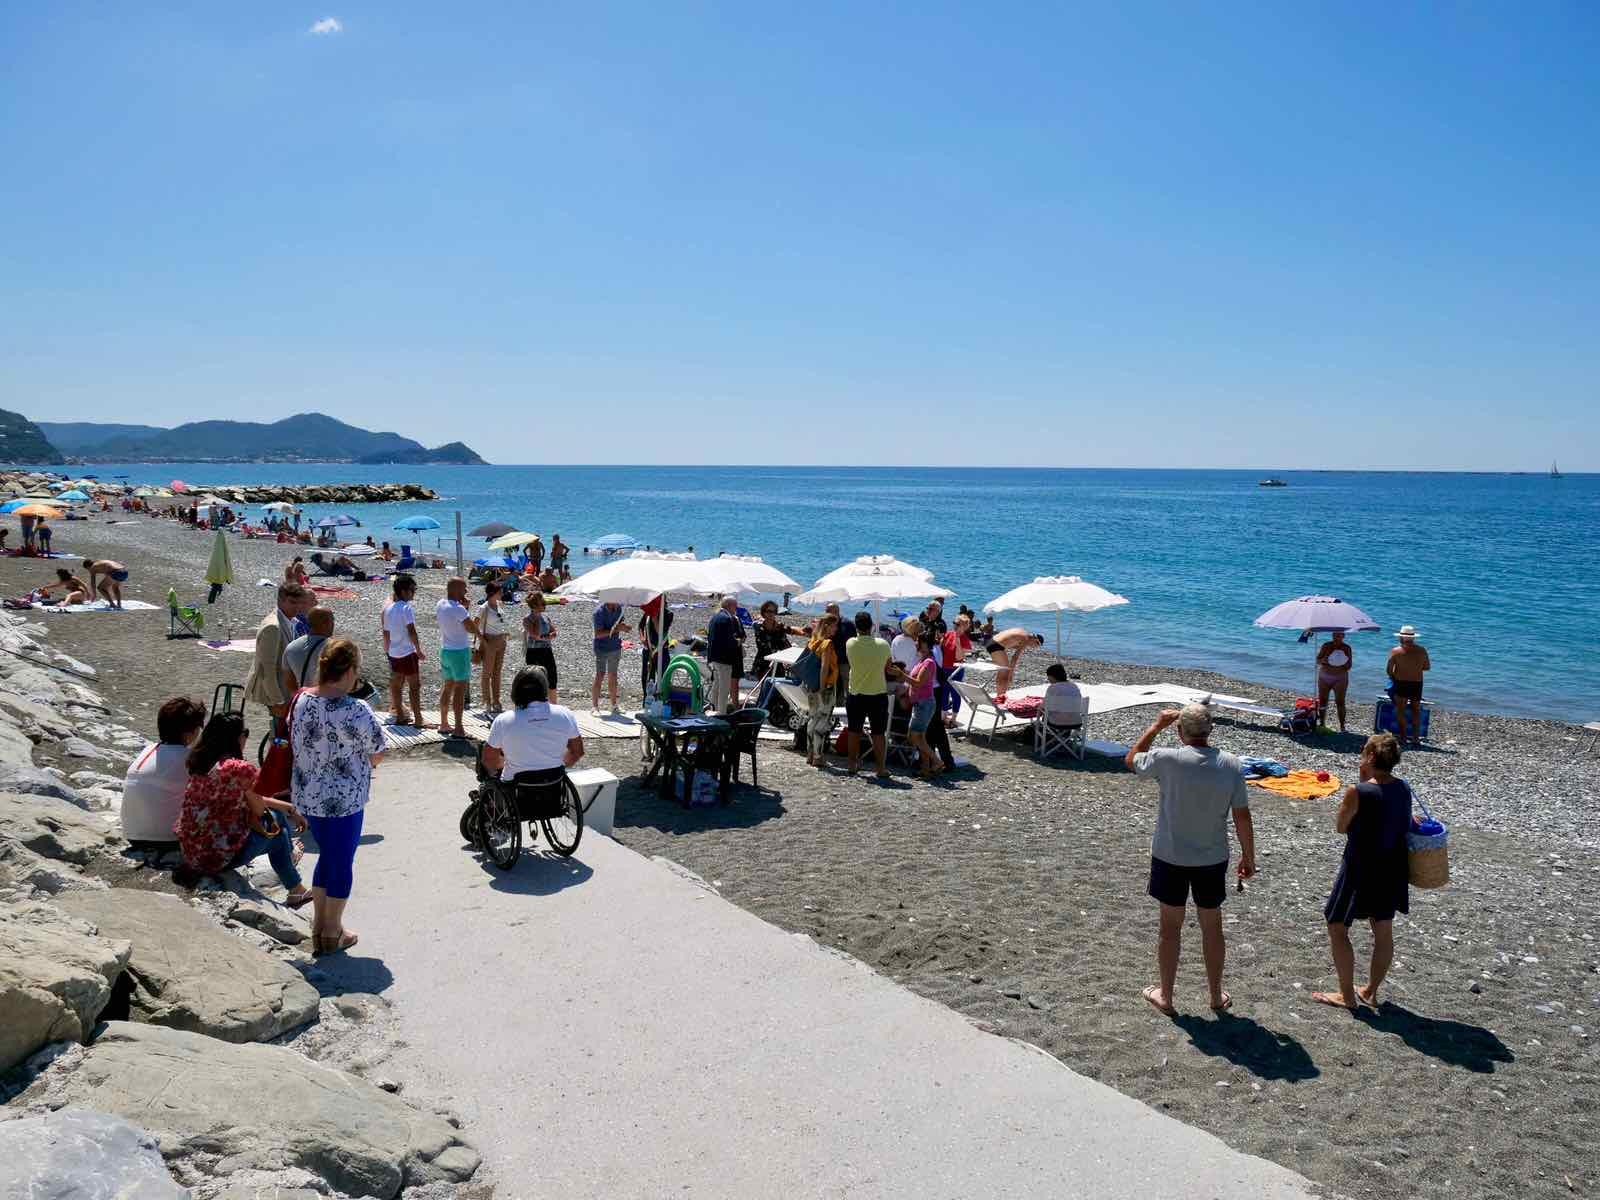 Inaugurazione spiaggia attrezzata di Lavagna per persone disabili 2019.07.16 - 9